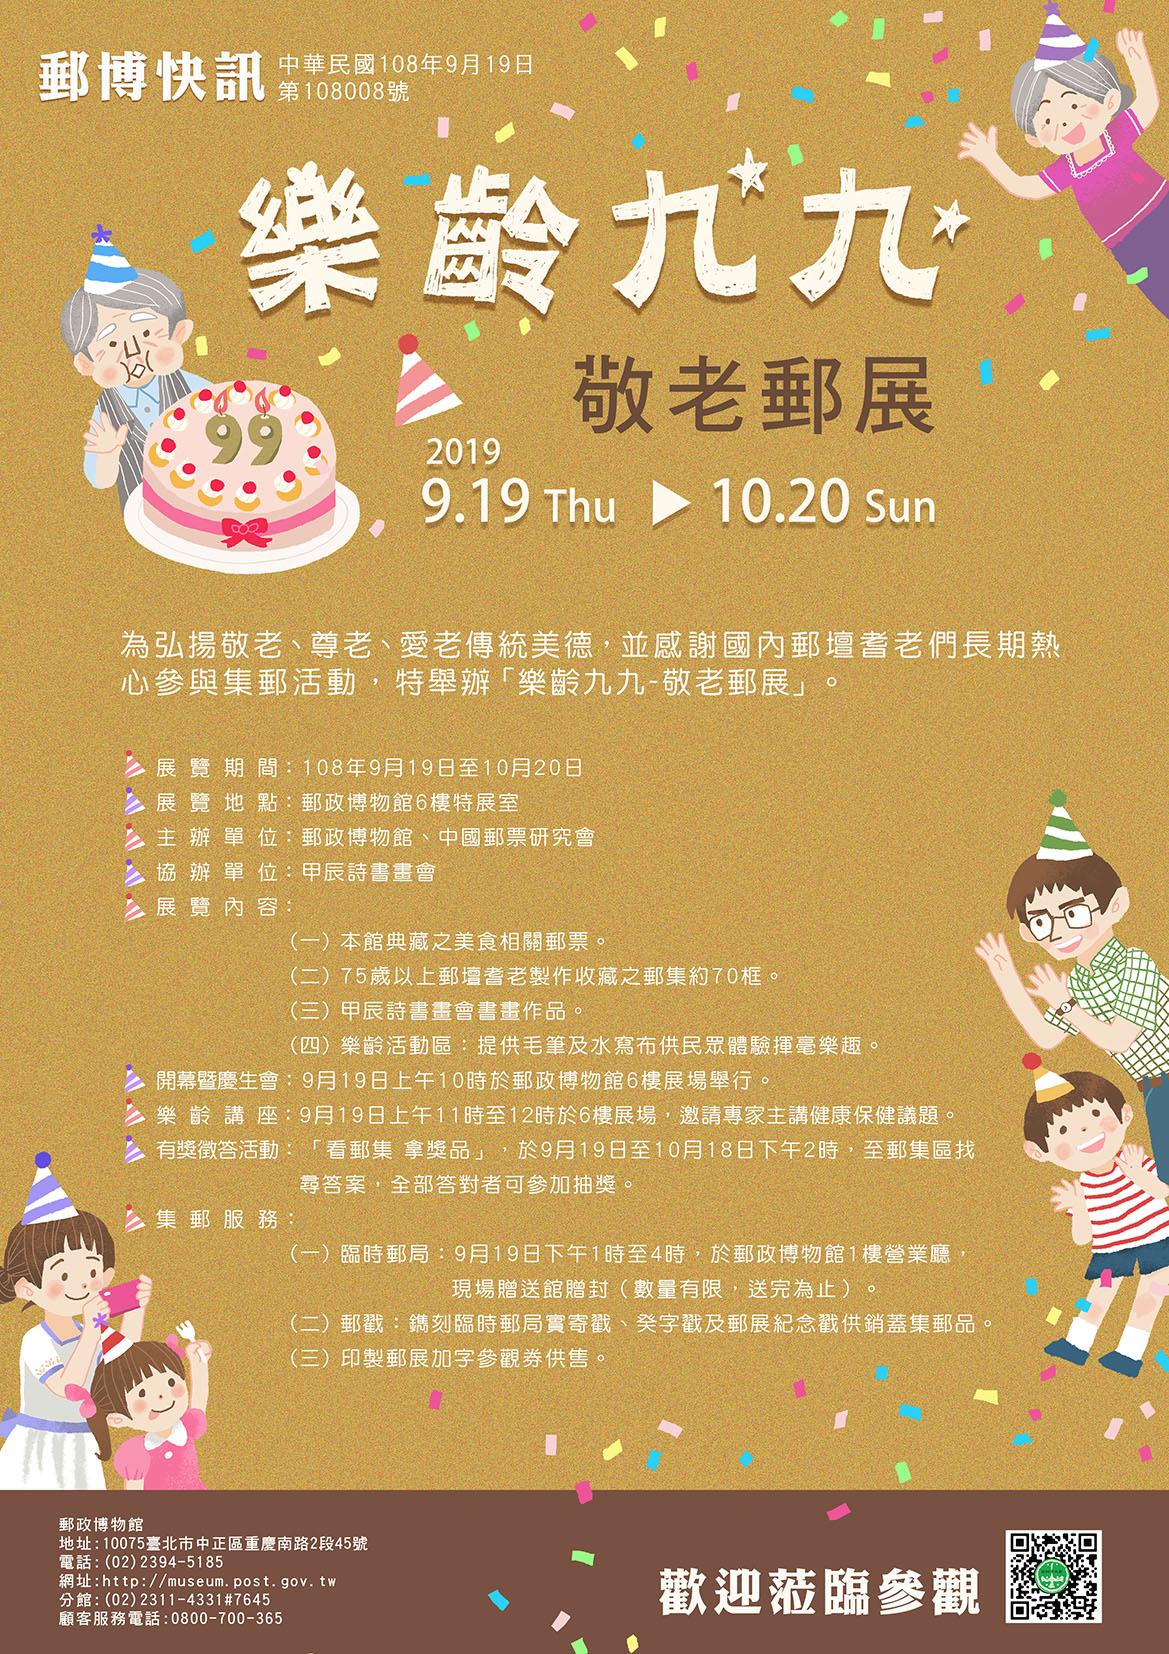 郵政博物館:2019/09/19-2019/10/20【樂齡九九-敬老郵展】